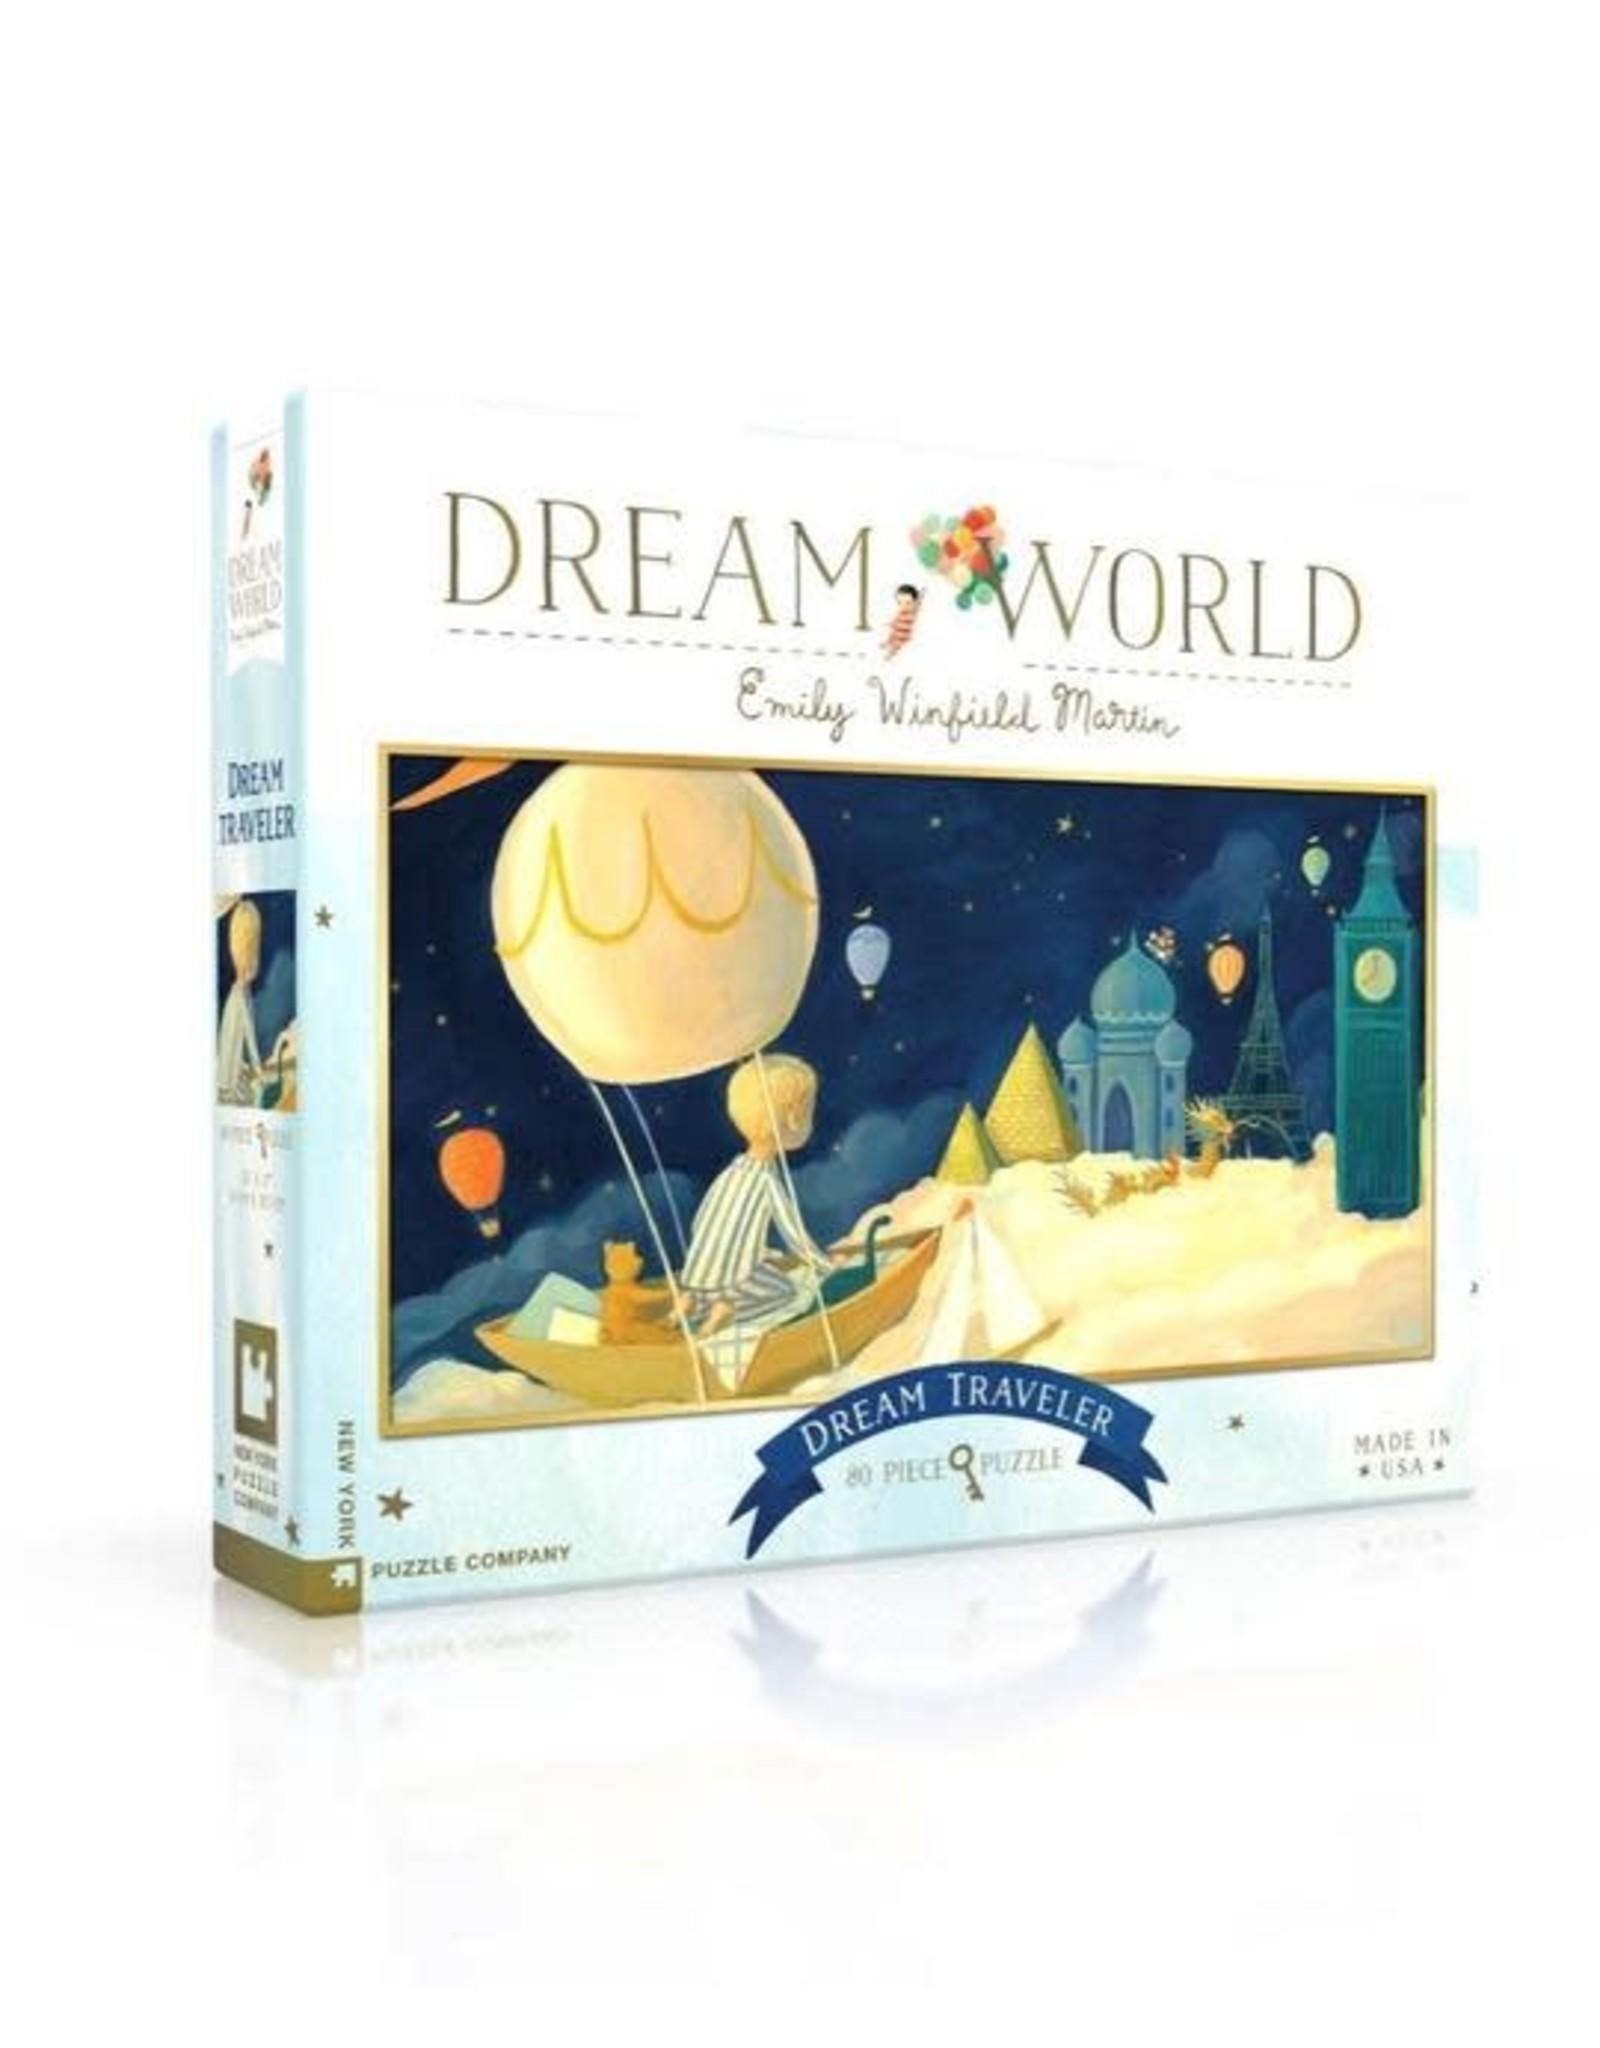 Dream Traveler Puzzle, 80 pieces